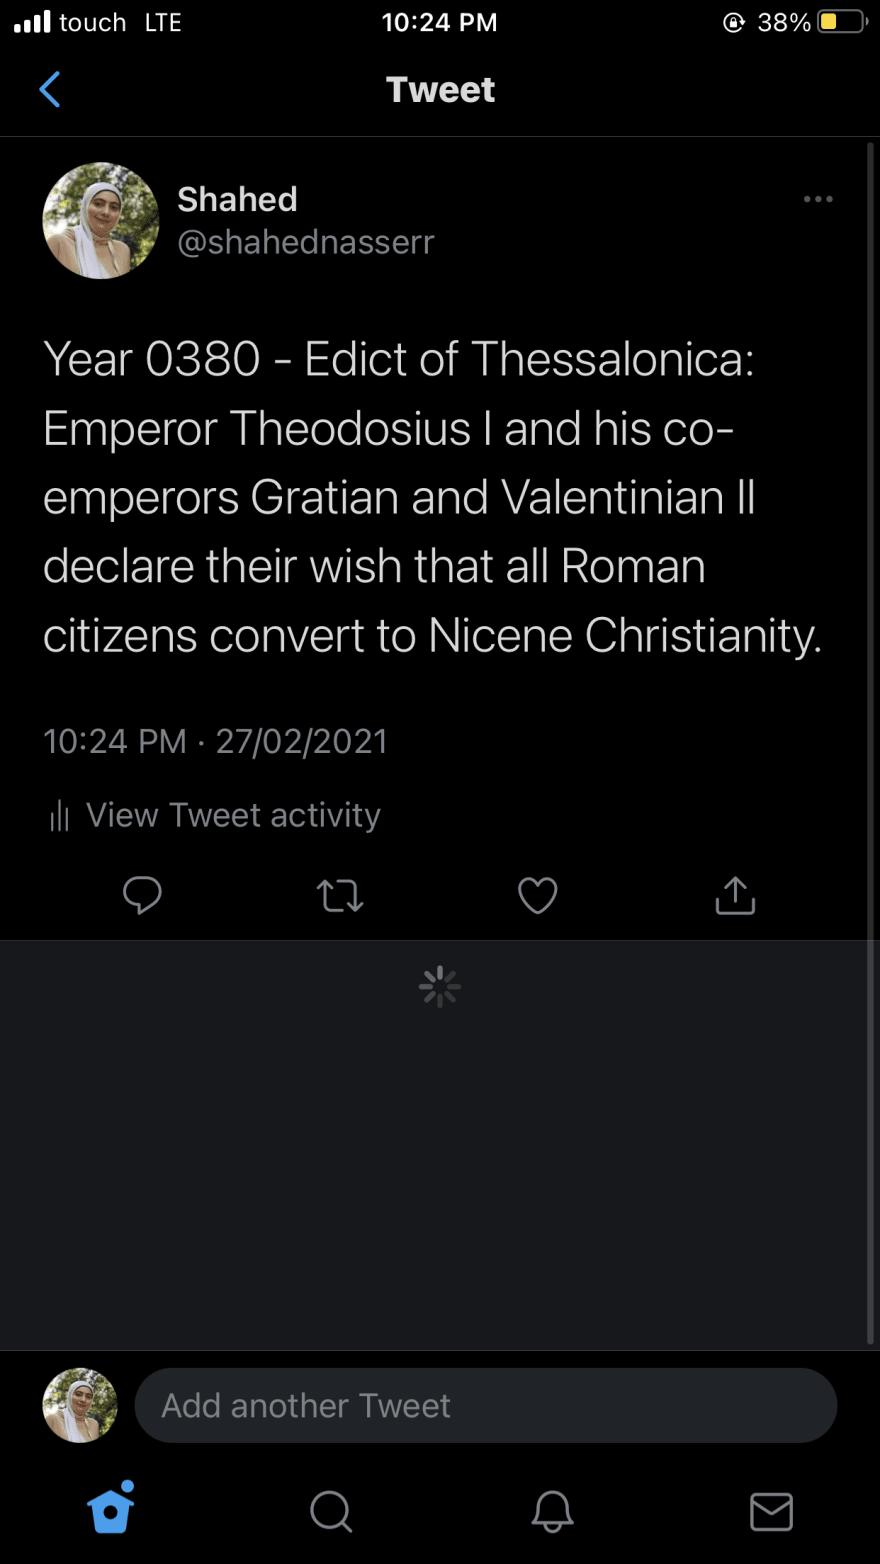 Tweet from bot